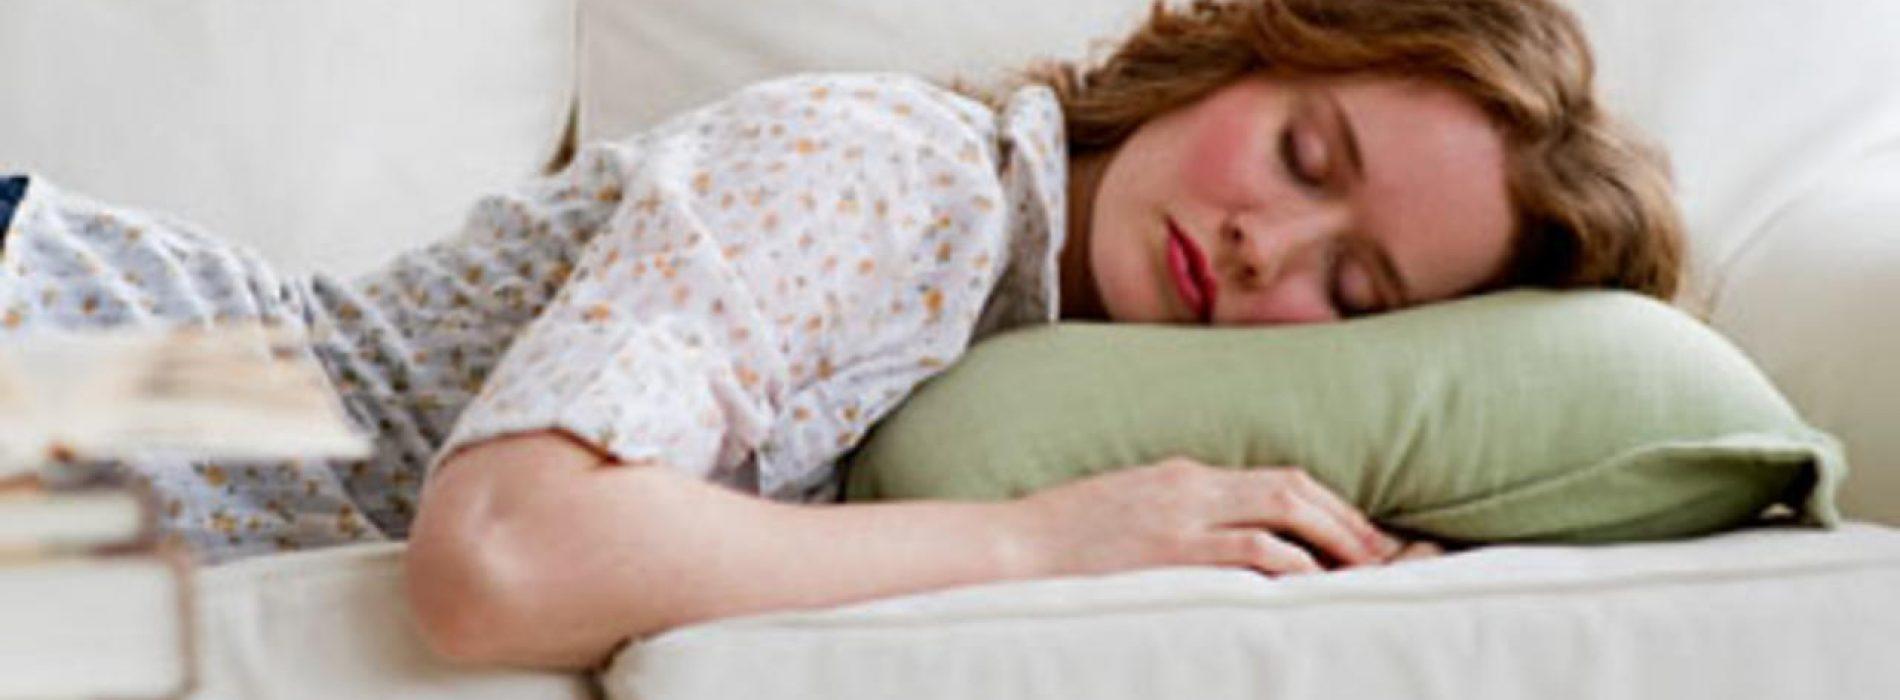 Meer dutten kan hart en hersengezondheid versterken, stress verminderen en nog veel meer